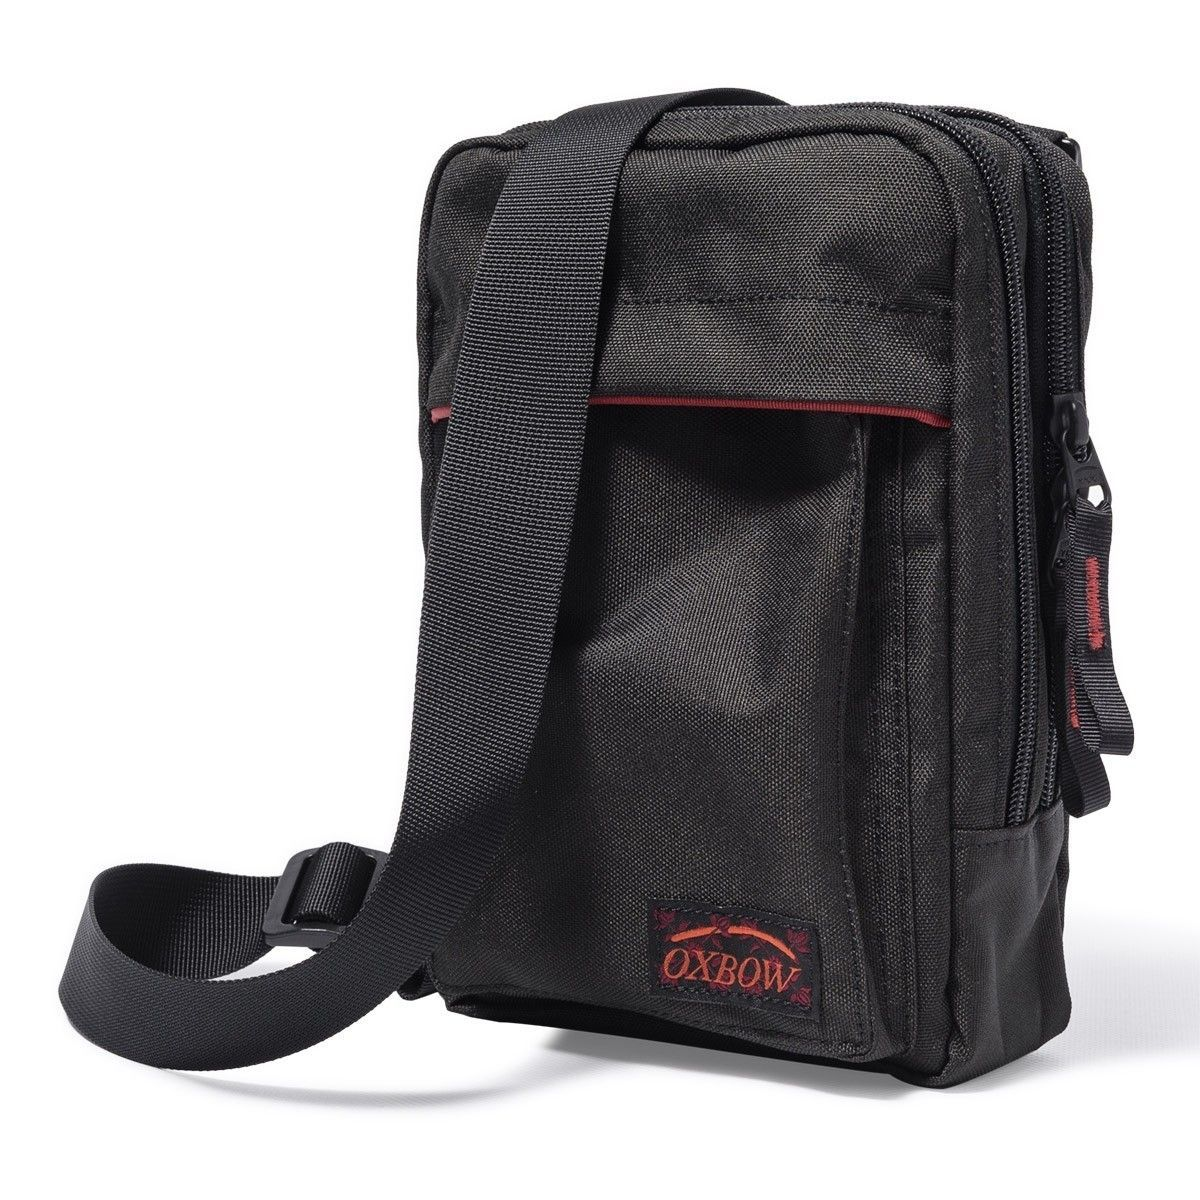 316b8c595 Oxbow Fes Large Shoulder Bag - Black | Backpacks & Bags | Large ...